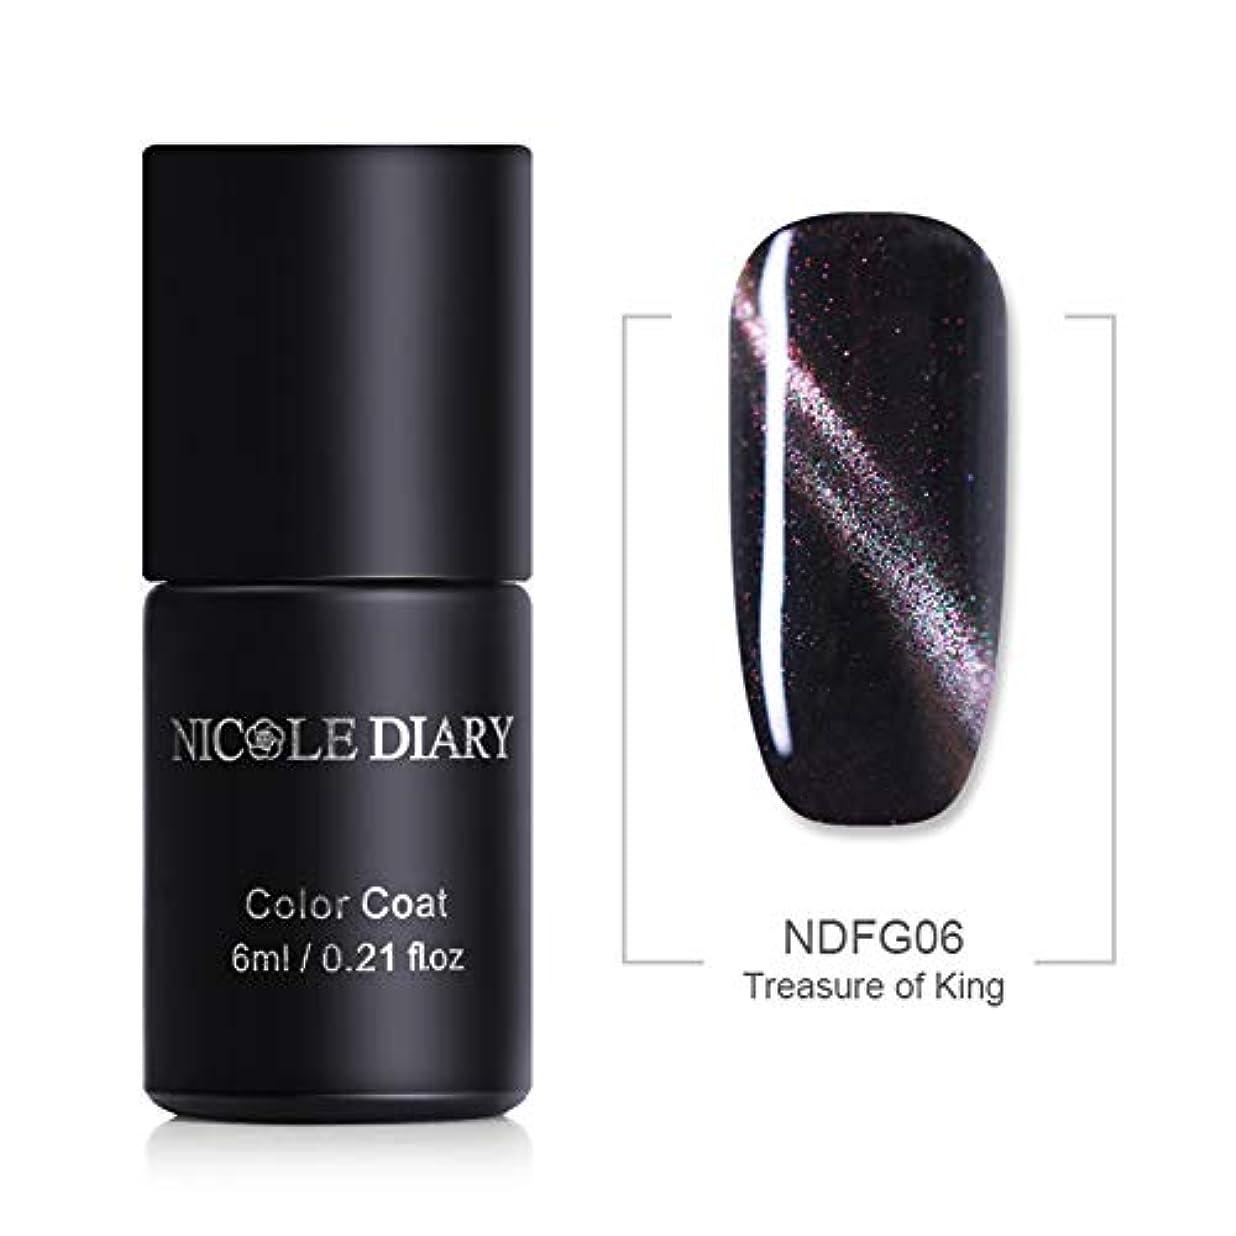 言い訳クリーム近代化NICOLE DIARY キャッツアイジェル 夜空の銀河の様な魅惑的な輝度 5色グリッター入り 6ml UV/LED対応 6色 磁石で模様が入る キャッツアイ ネイル ジェルネイル NDFG06 Treasure of...